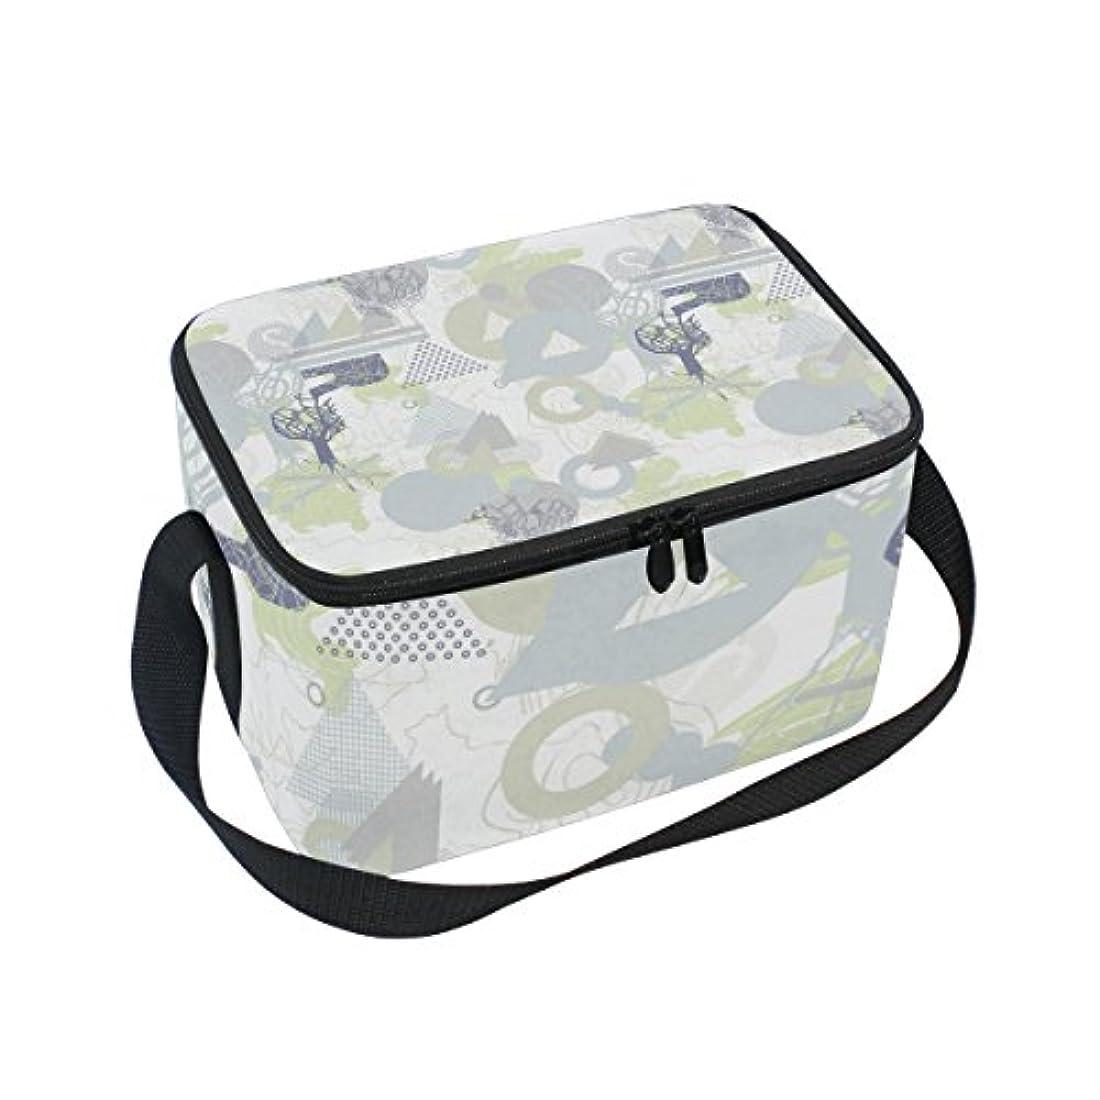 スクレーパー革新ポジティブクーラーバッグ クーラーボックス ソフトクーラ 冷蔵ボックス キャンプ用品 抽象的 パターン 線 保冷保温 大容量 肩掛け お花見 アウトドア